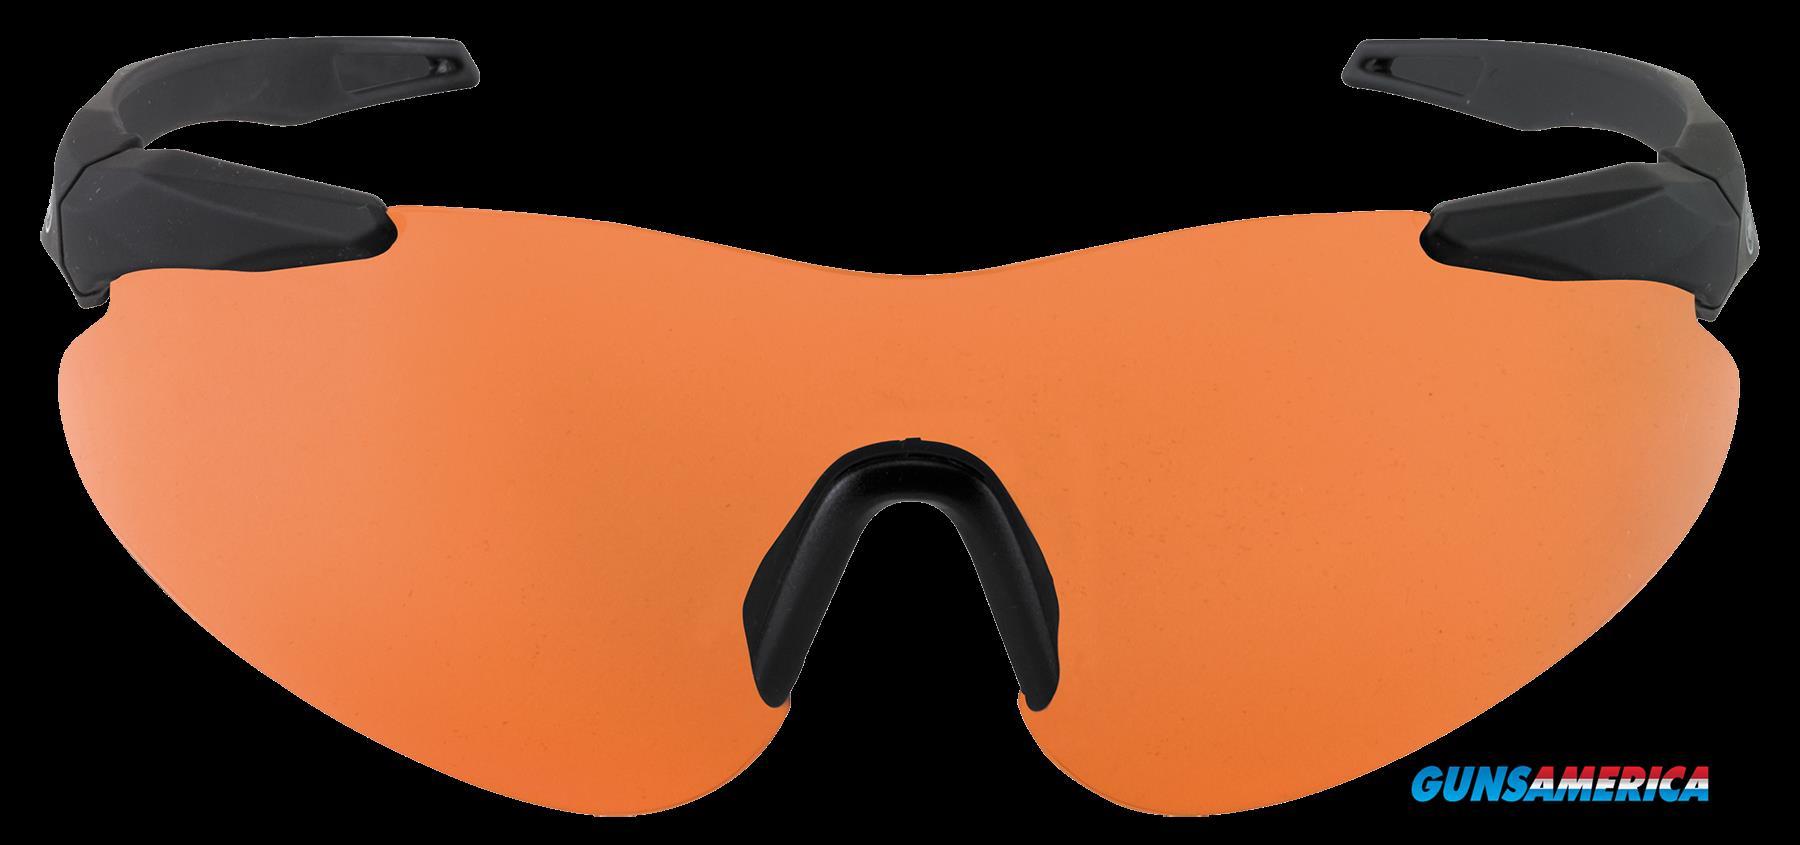 Beretta Usa Soft Touch, Ber Oca100020407  Basic Glasses  Orange  Guns > Pistols > 1911 Pistol Copies (non-Colt)